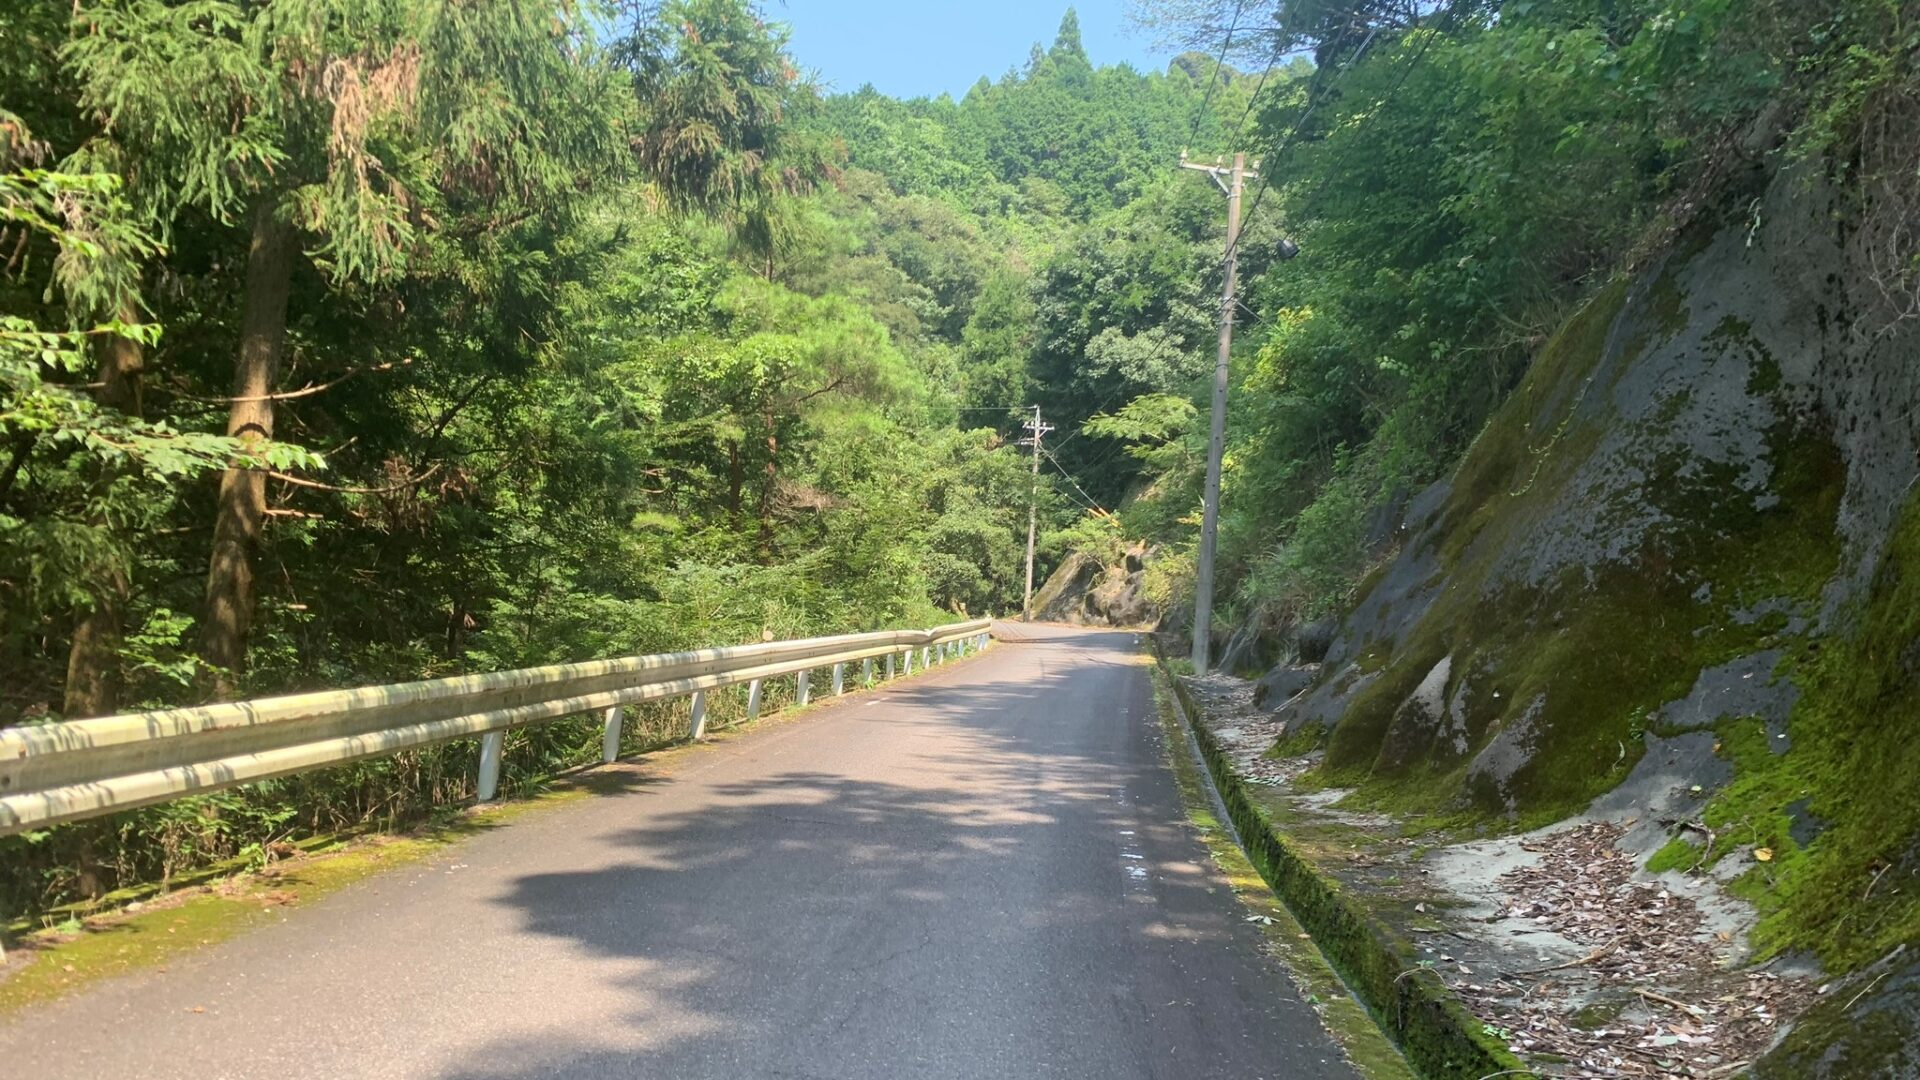 錫杖湖周回コースはあらゆる意味で走り込みに絶好のコースである事が判明